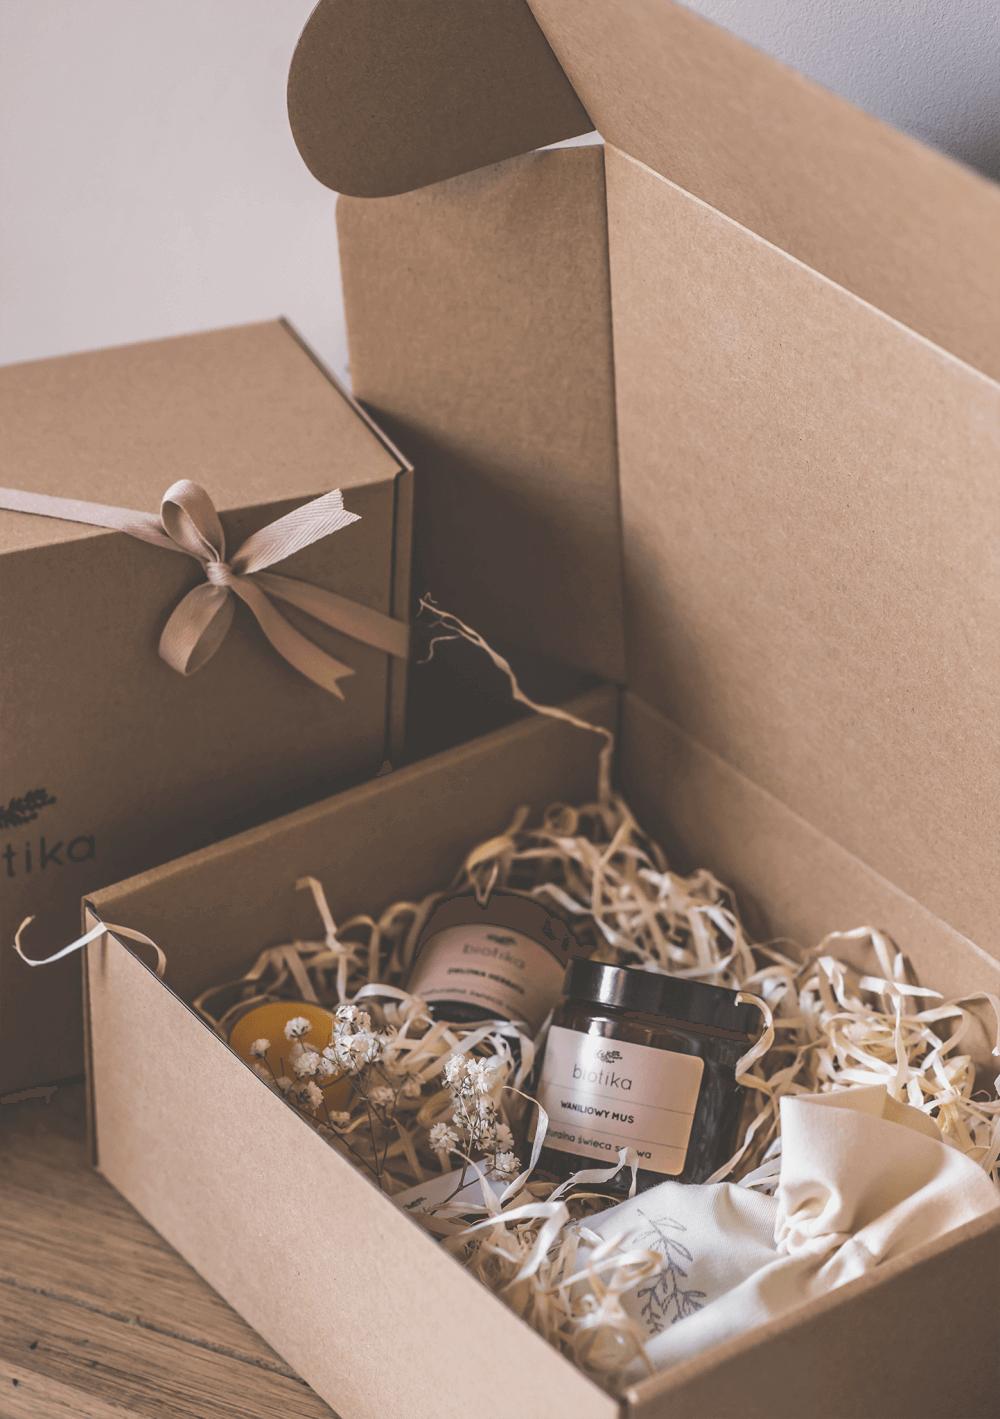 Expérience d'unboxing des produits Biotika